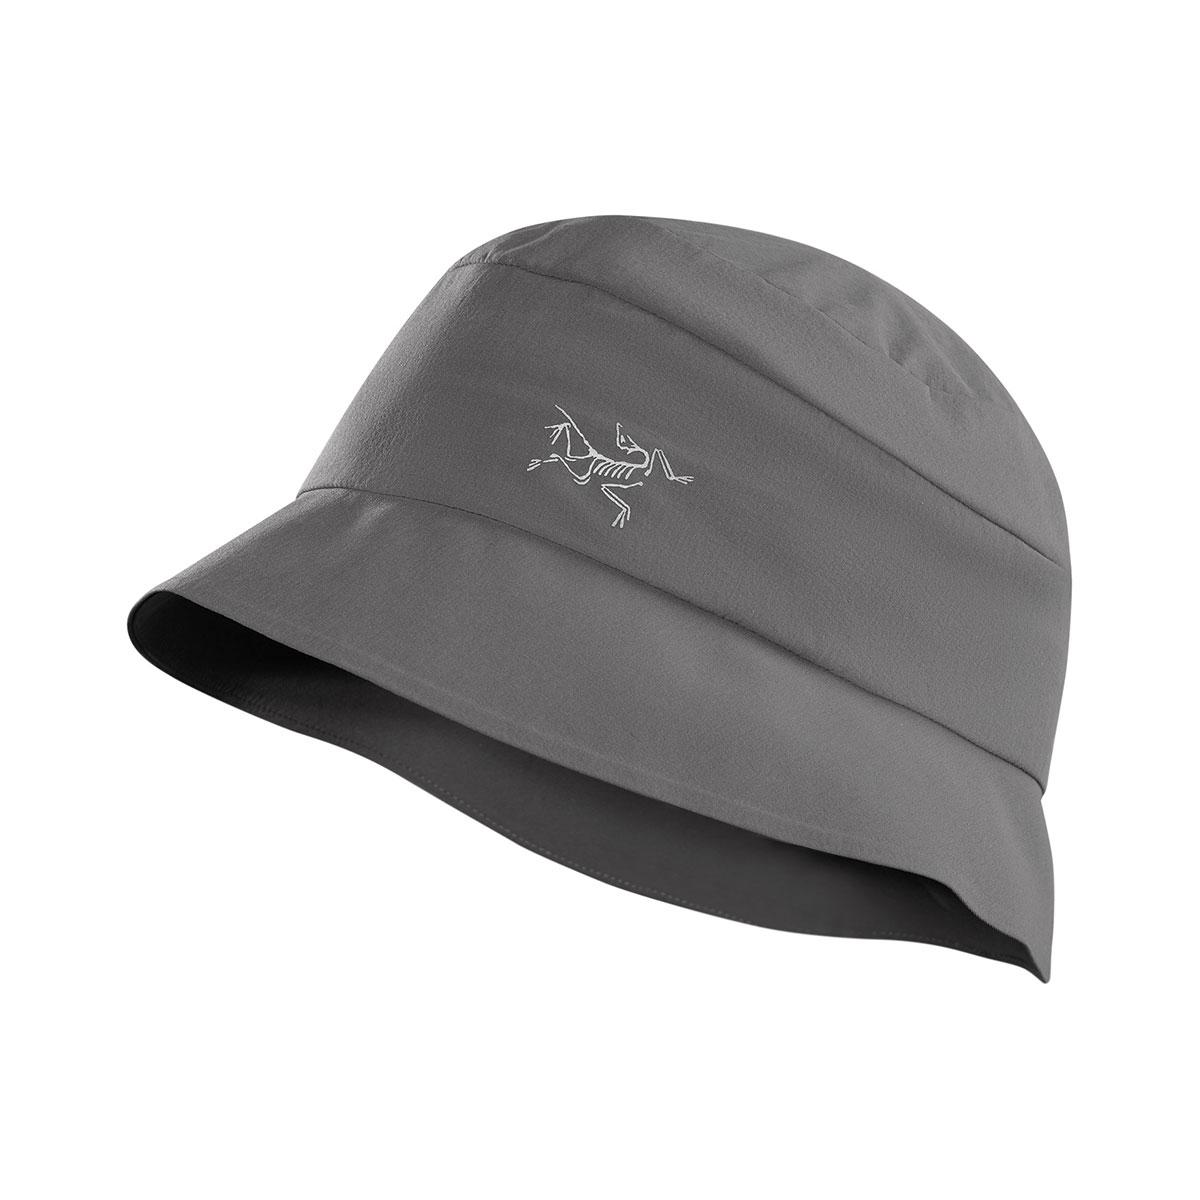 e7e3ddd6dd6 Arc teryx Sinsolo Hat